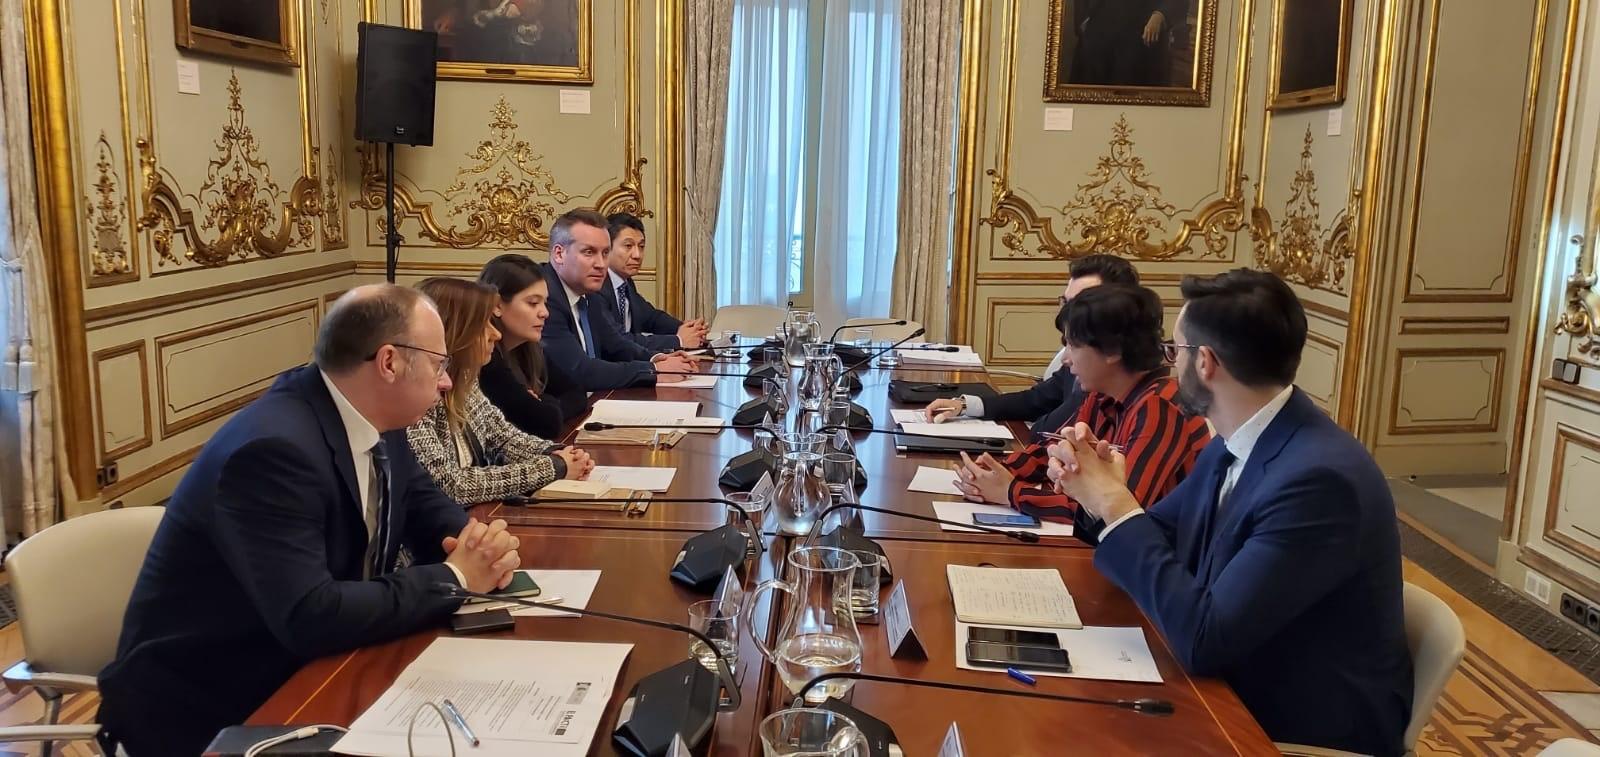 Reunión de la delegación mexicana con el secretario de Estado de Justicia